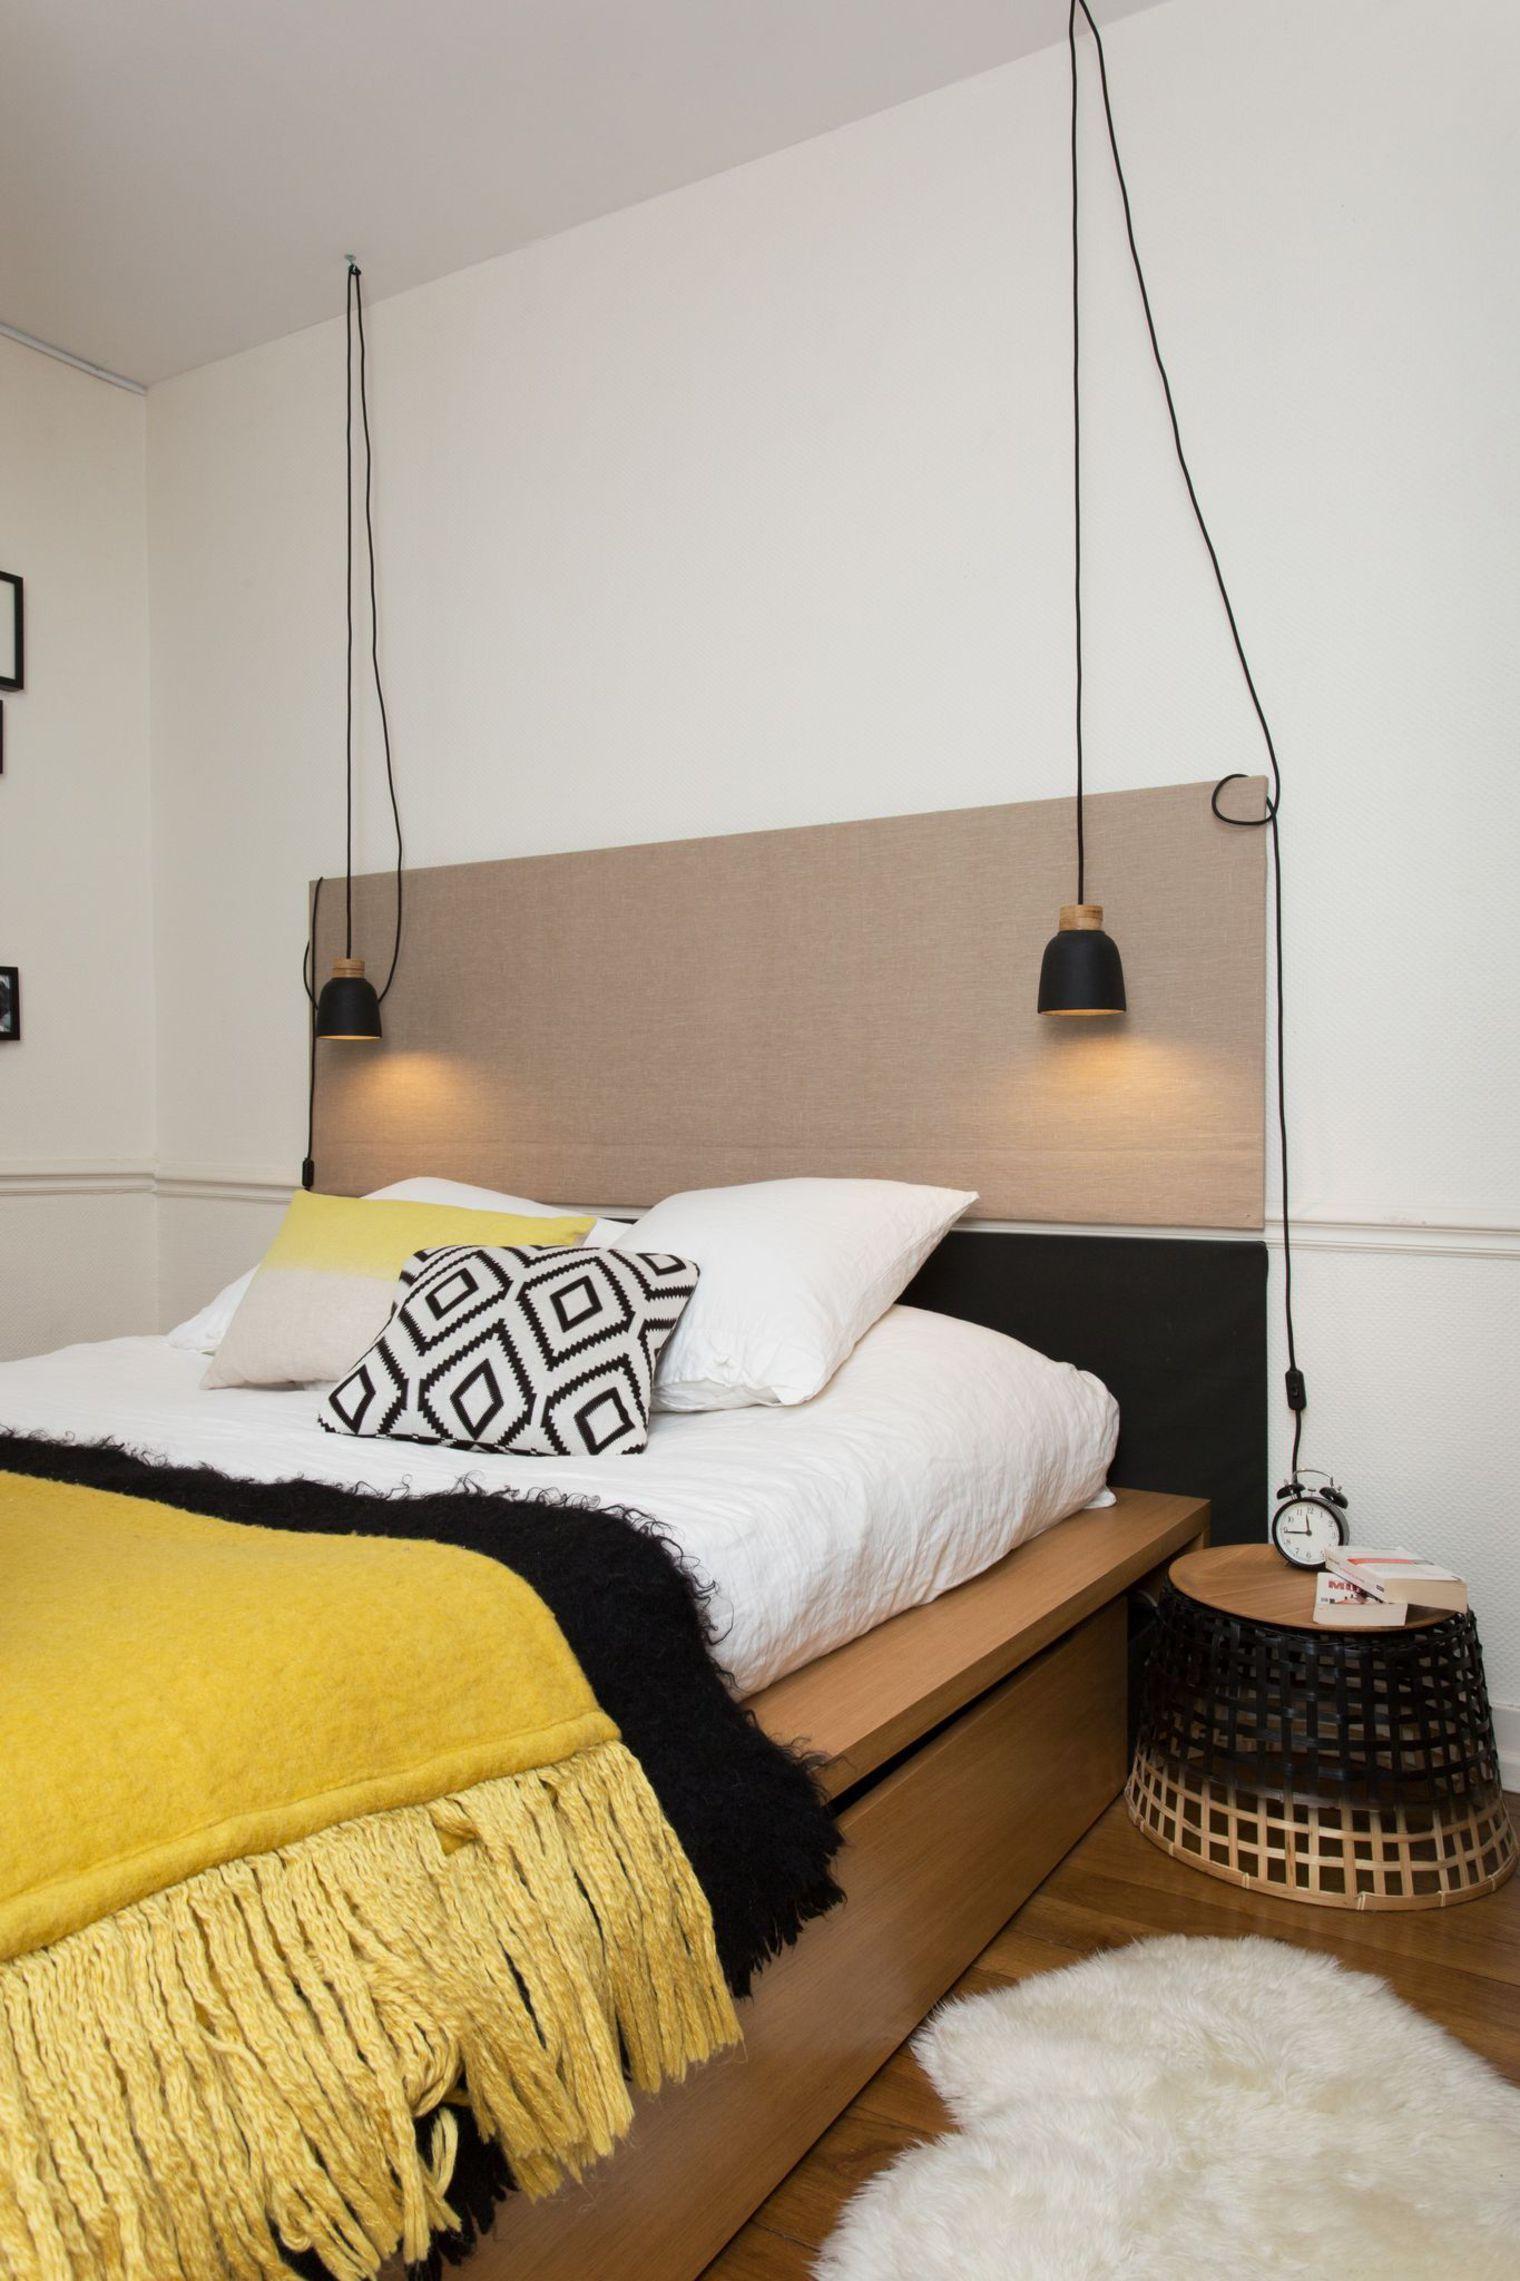 Appartement Rennes un 120 m2 relooké en une semaine